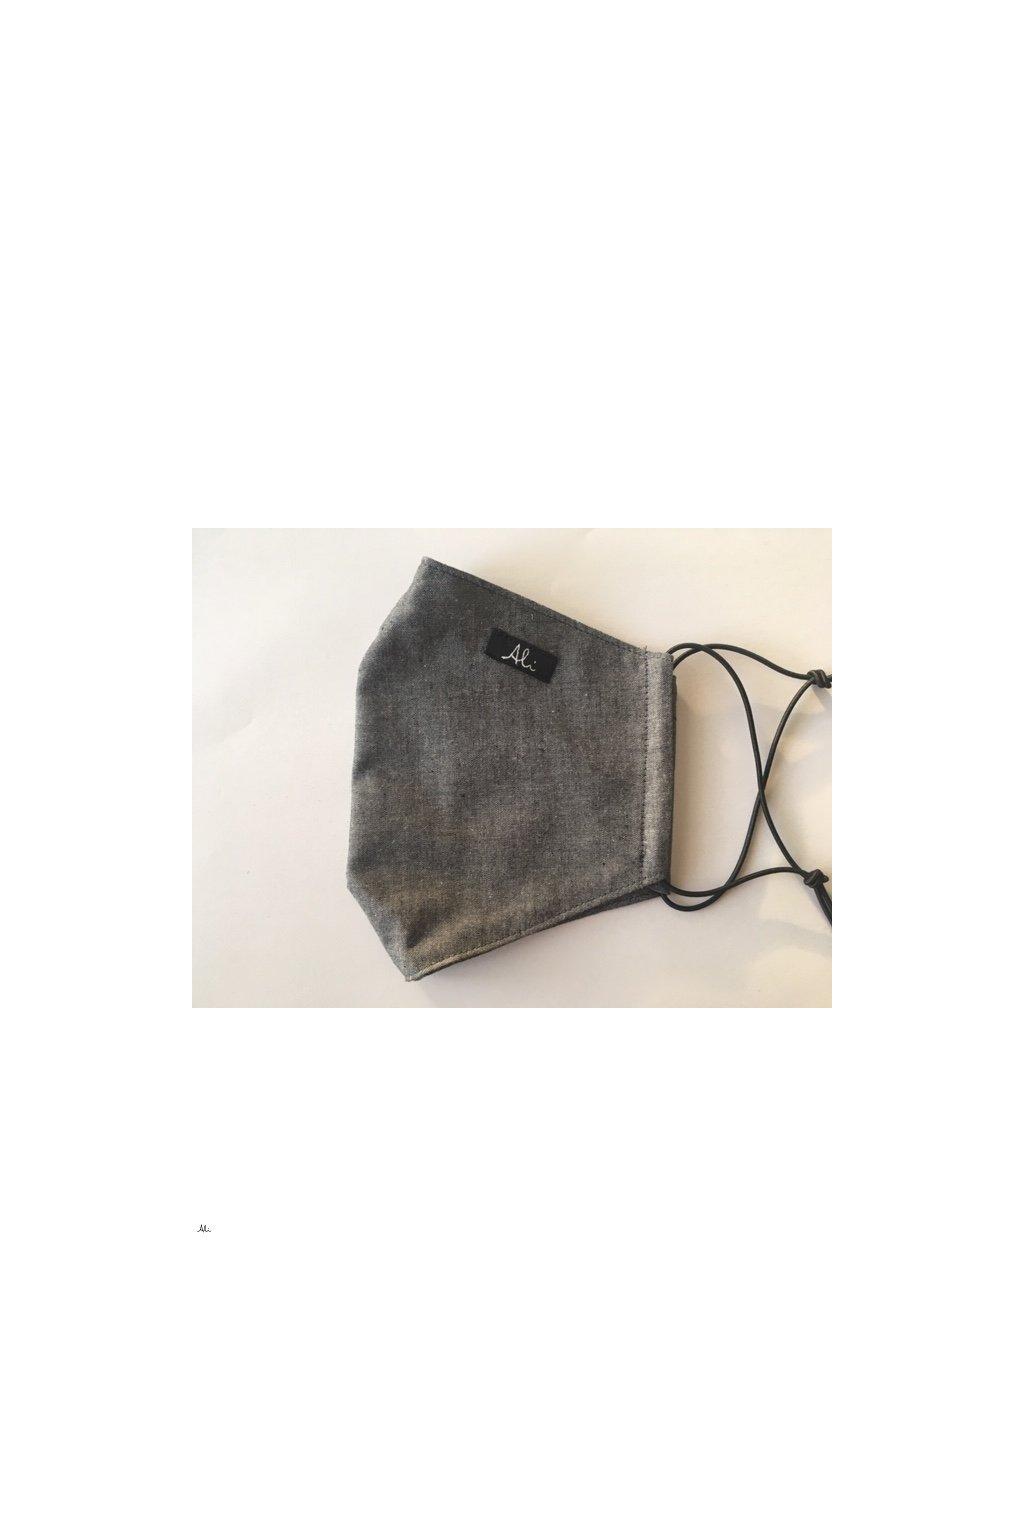 Pánská rouška, ústenka s možností vložení filtru